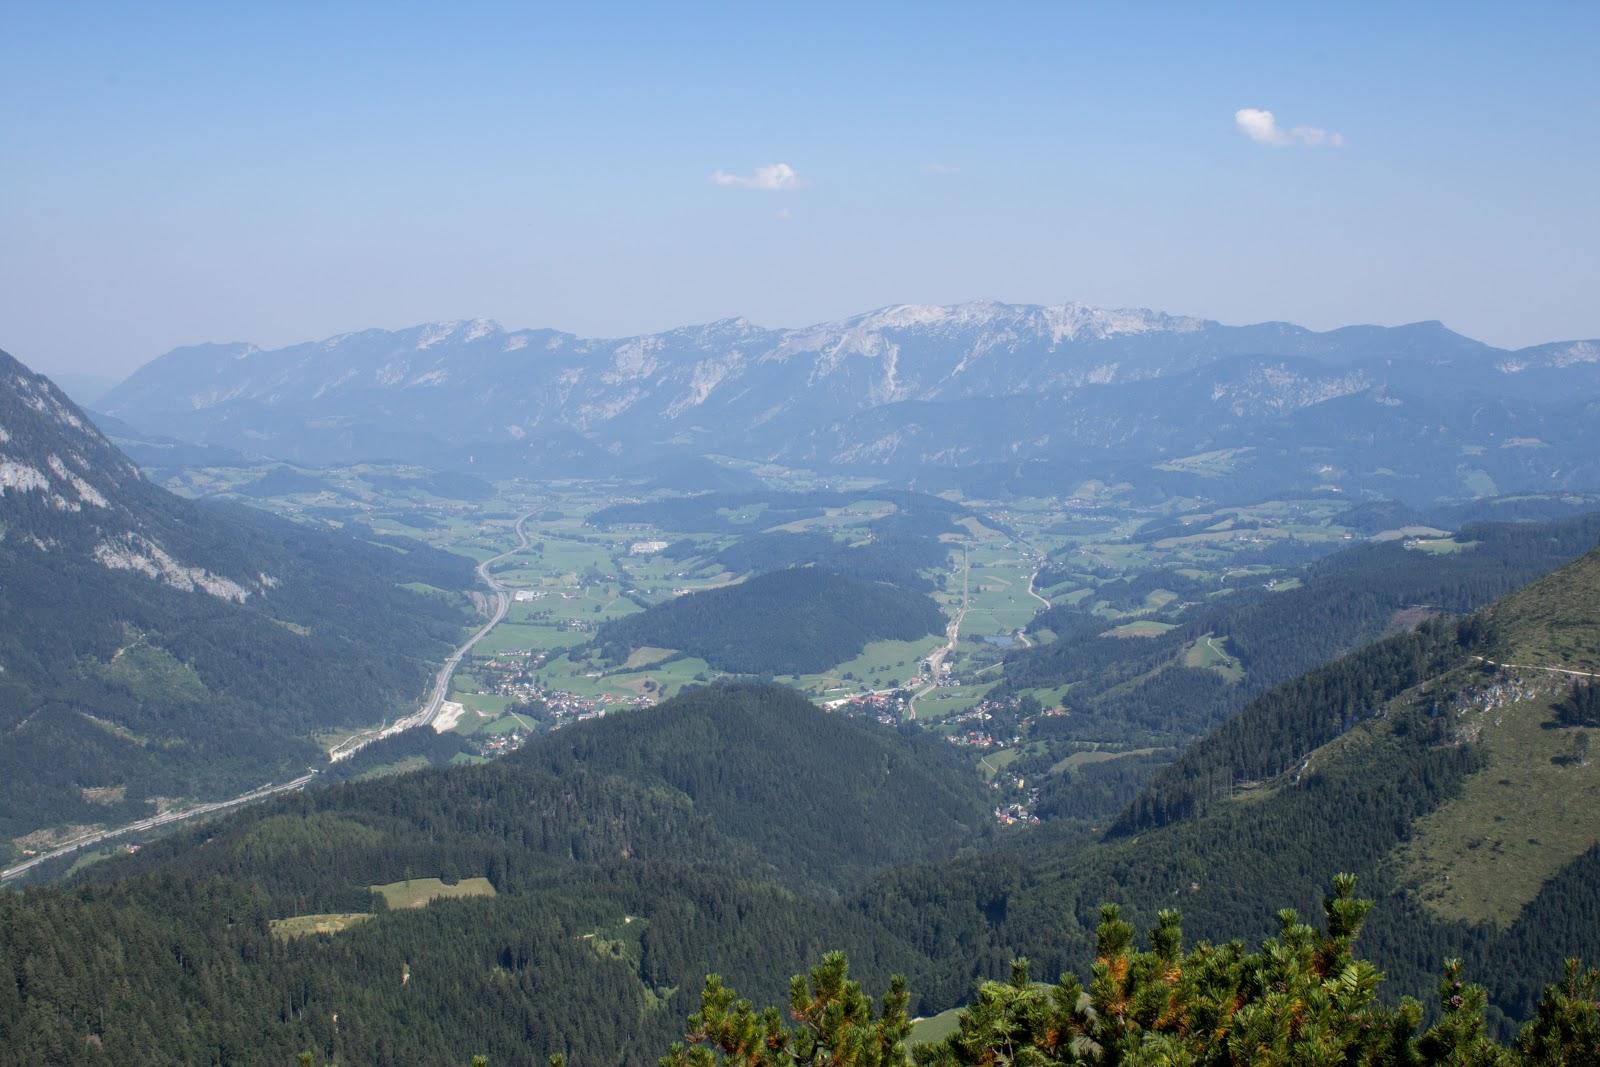 Von der Ardningeralmhütte über den Wildfrauensteig auf Frauenmauer, Bosruck und Kitzstein. - Blick nach Spital an der Drau